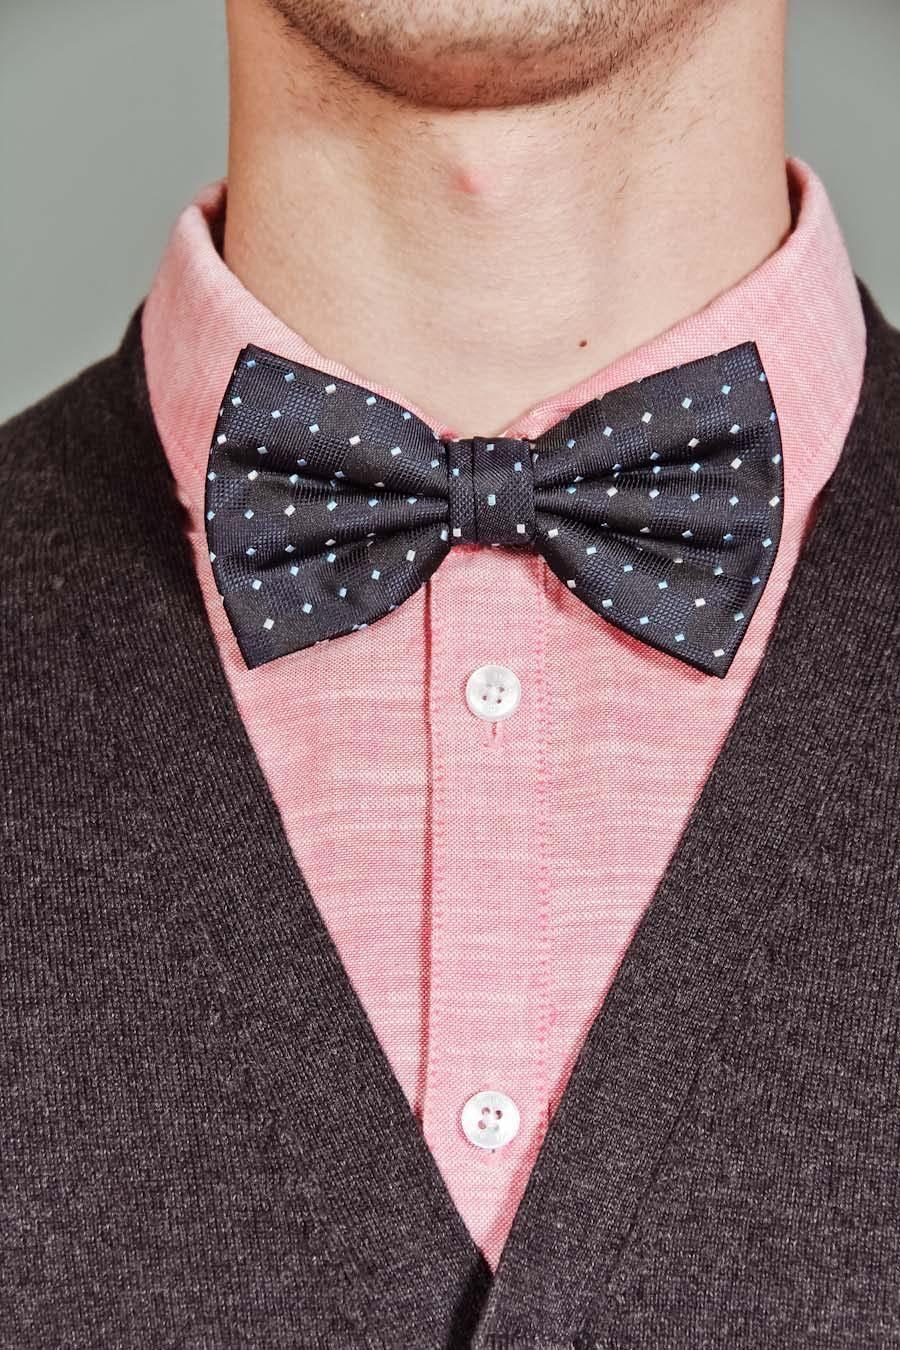 gentlemens bow tie day - 736×1104